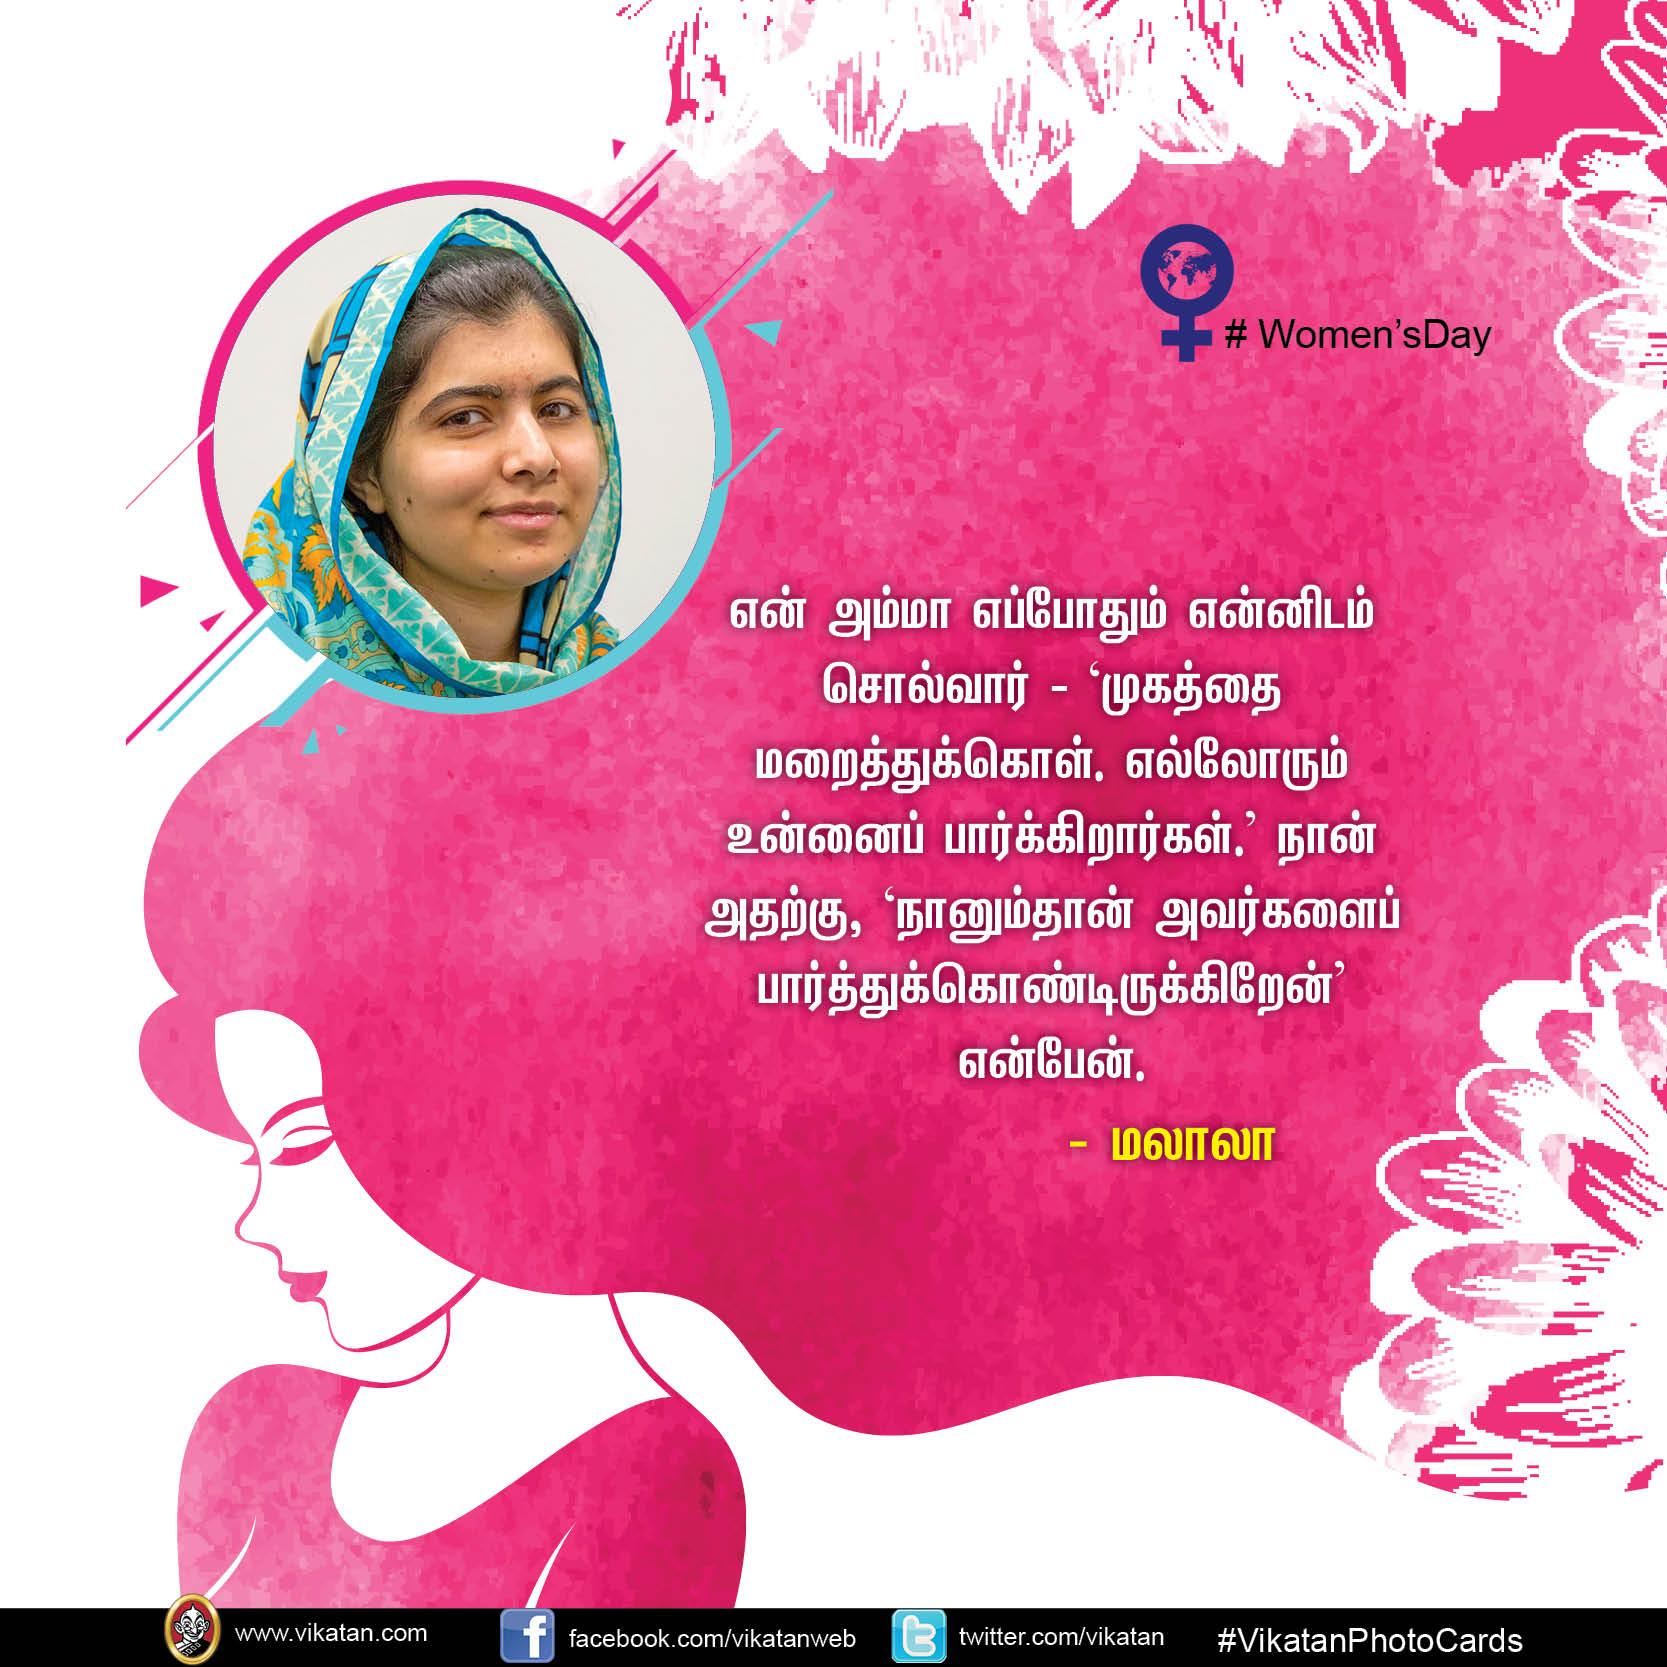 இந்திரா நூயி முதல் மேரி கோம் வரை... சக மனுஷிகளுக்காகச் சொன்னவை! #Women'sDay #VikatanPhotoCards